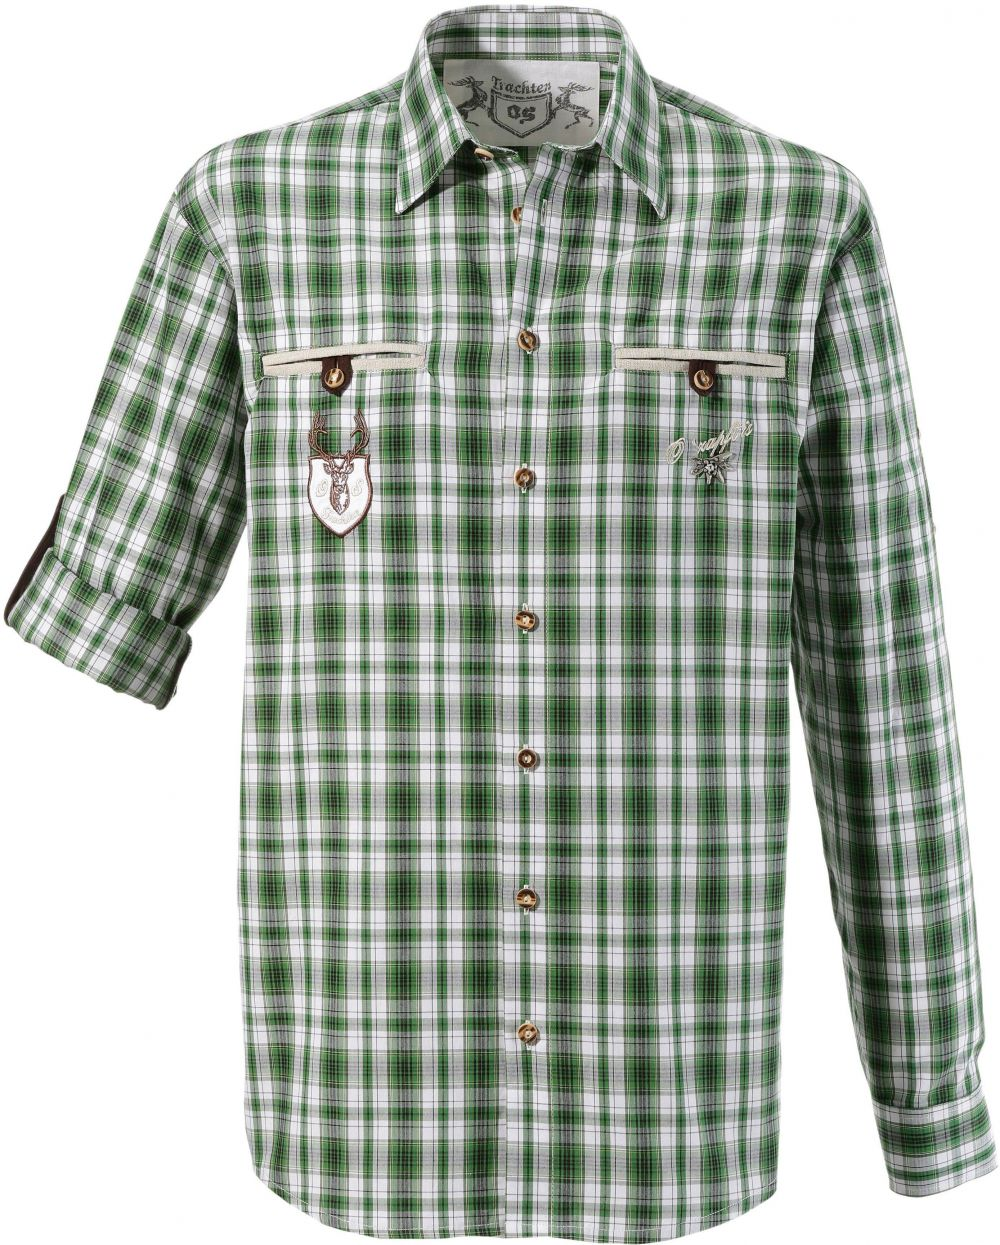 b0dc6a56b92c Krojová košeľa OS-Trachten s rukávmi na vyhrnutie DEFAULT INVALID zelená- biela 47-48